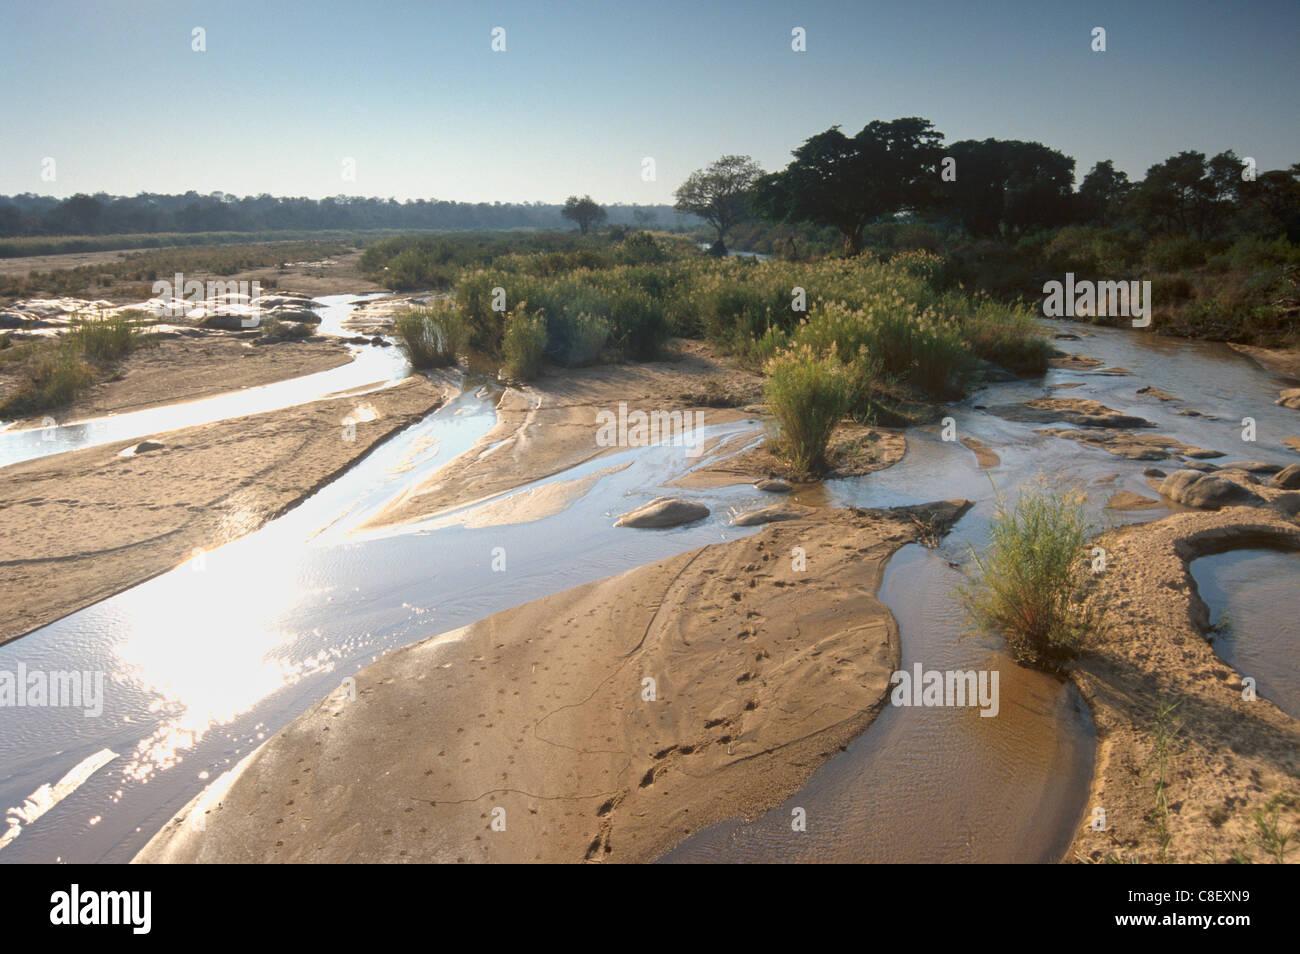 Olifants river, Kruger National Park, South Africa - Stock Image